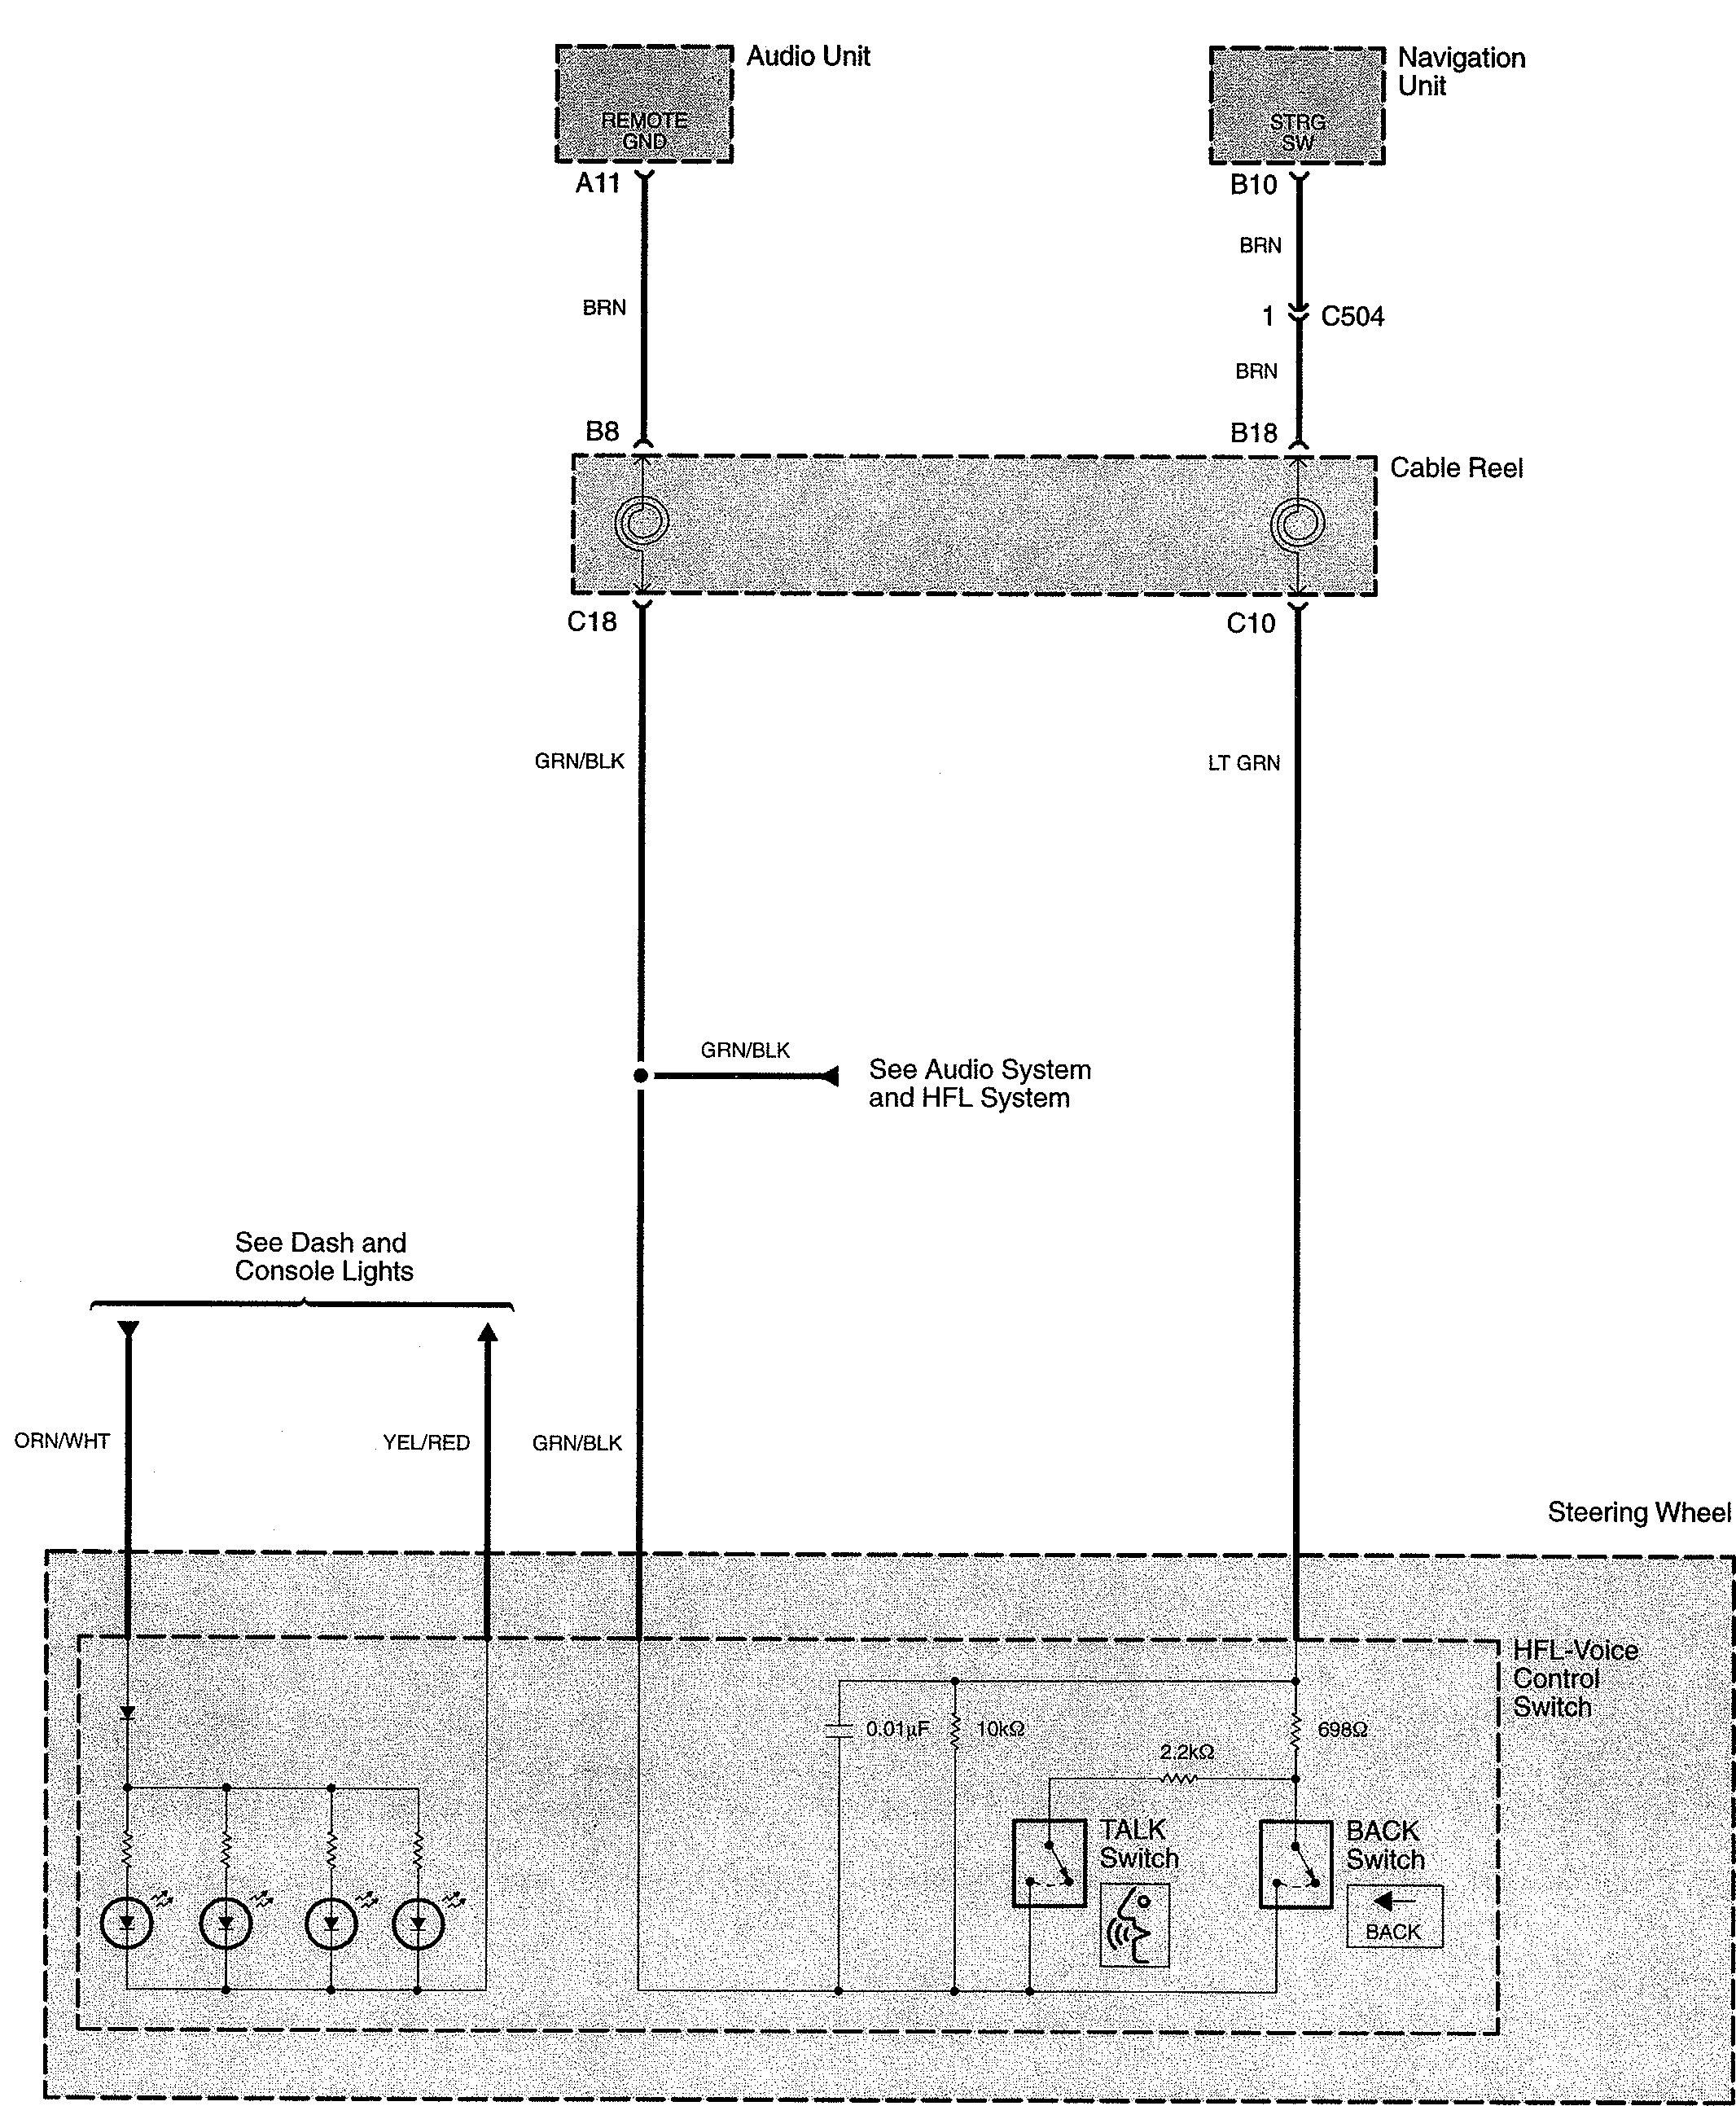 97 E350 Wiring Harness Great Design Of Diagram 1997 Fuse Box Goshen Coach Miata Ford Kits Boat